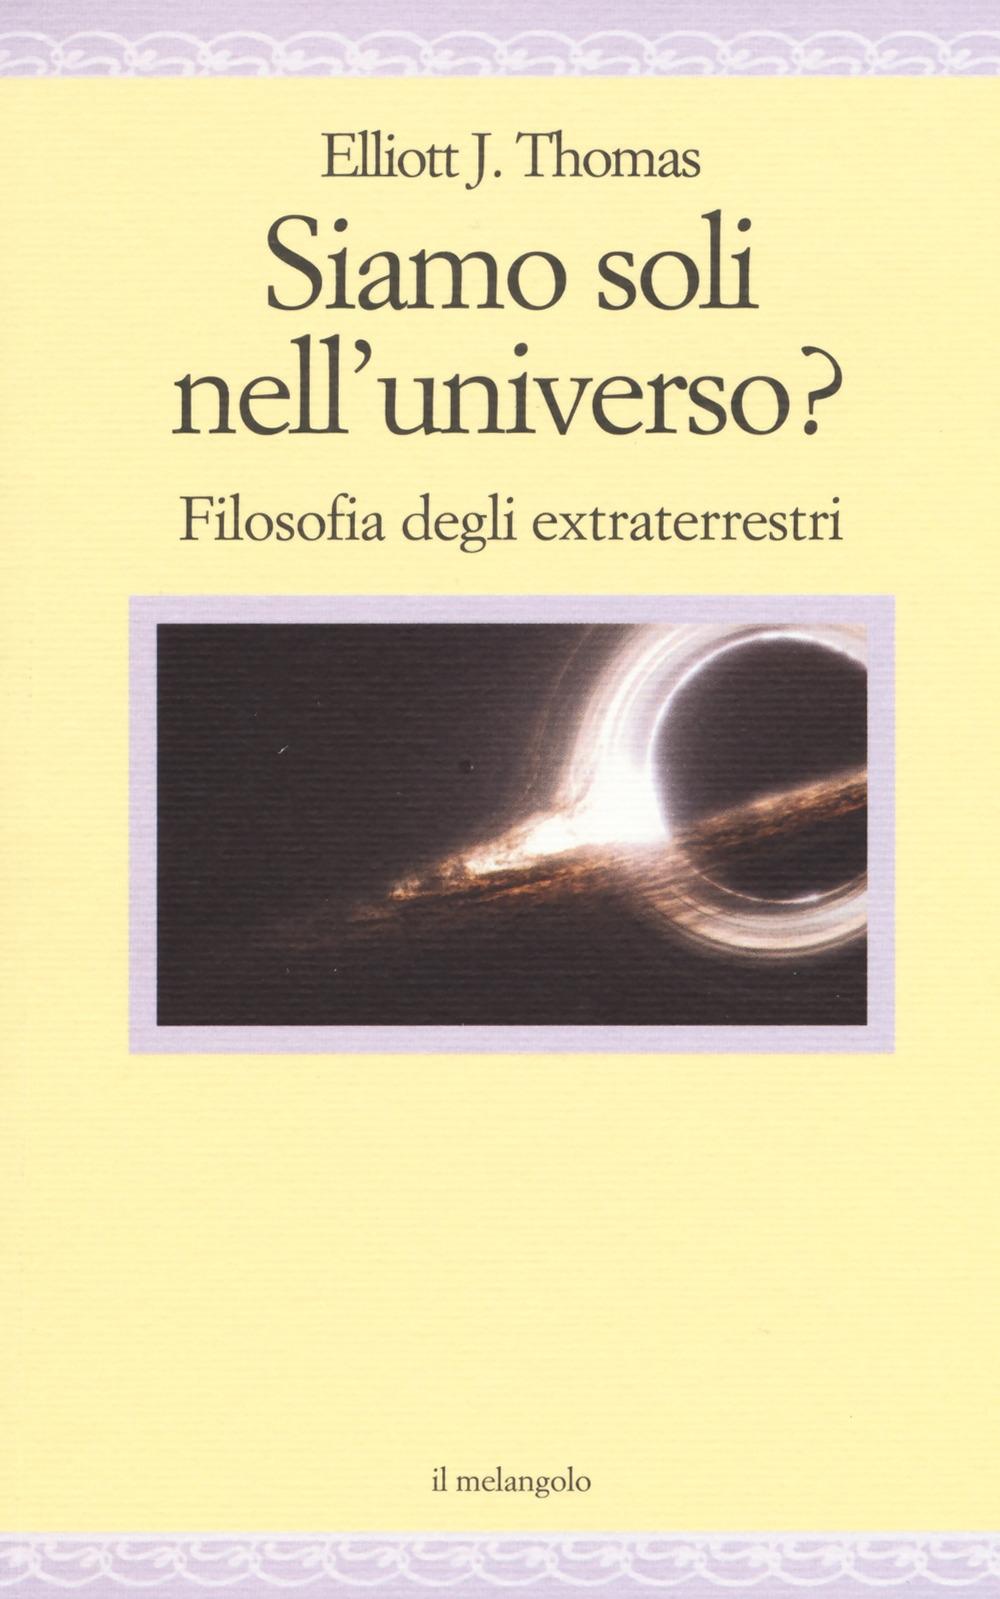 Siamo soli nell'universo? Filosofia degli extraterrestri